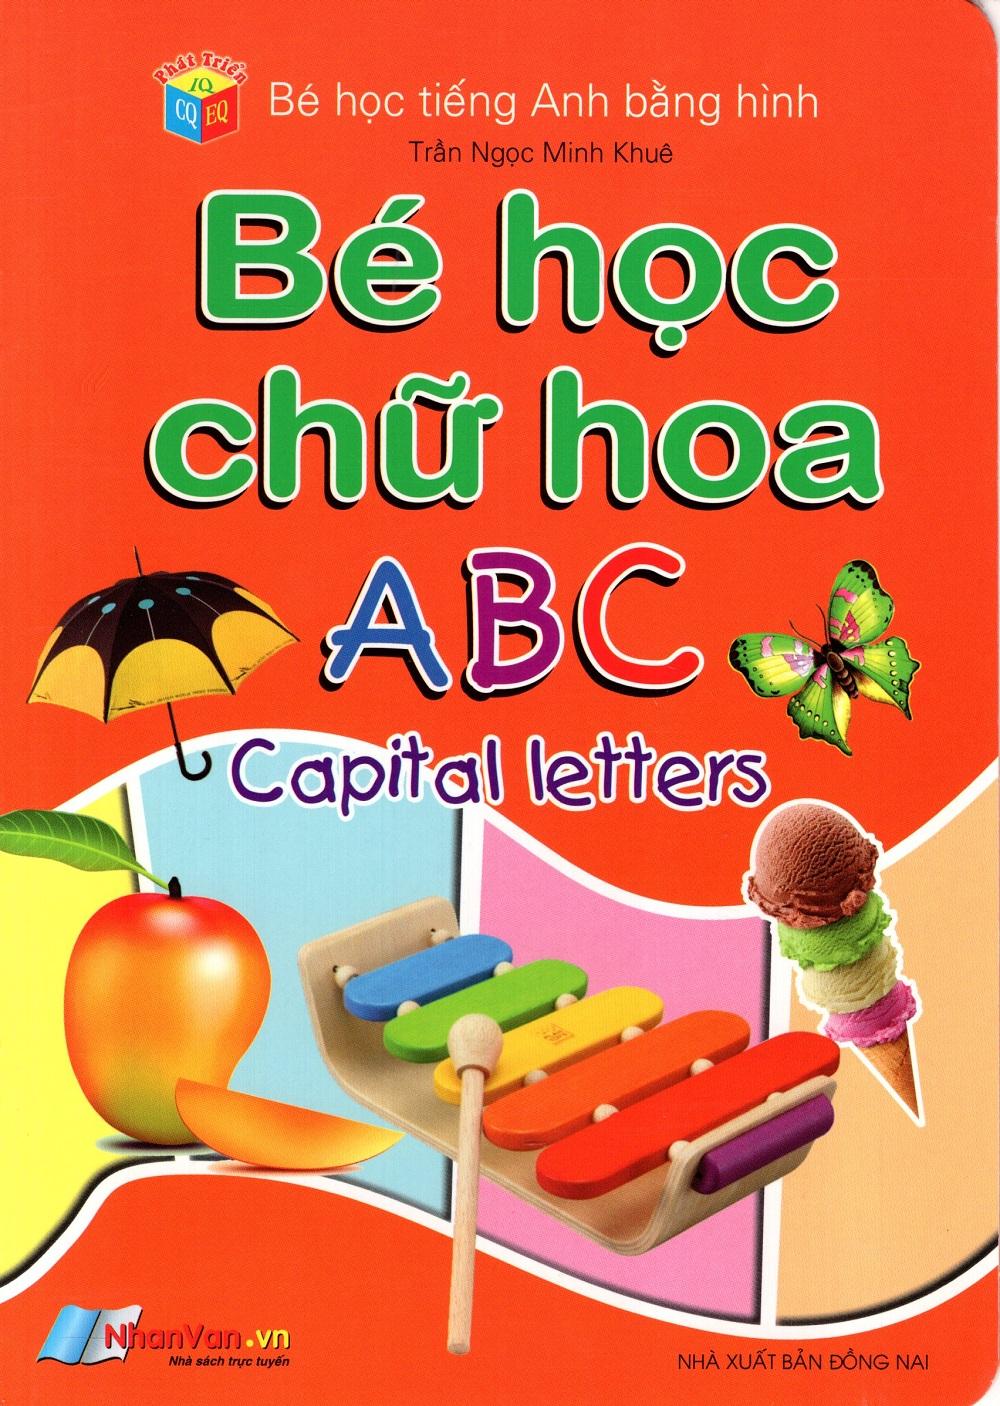 Bìa sách Bé Học Tiếng Anh Bằng Hình: Bé Học Chữ Hoa ABC